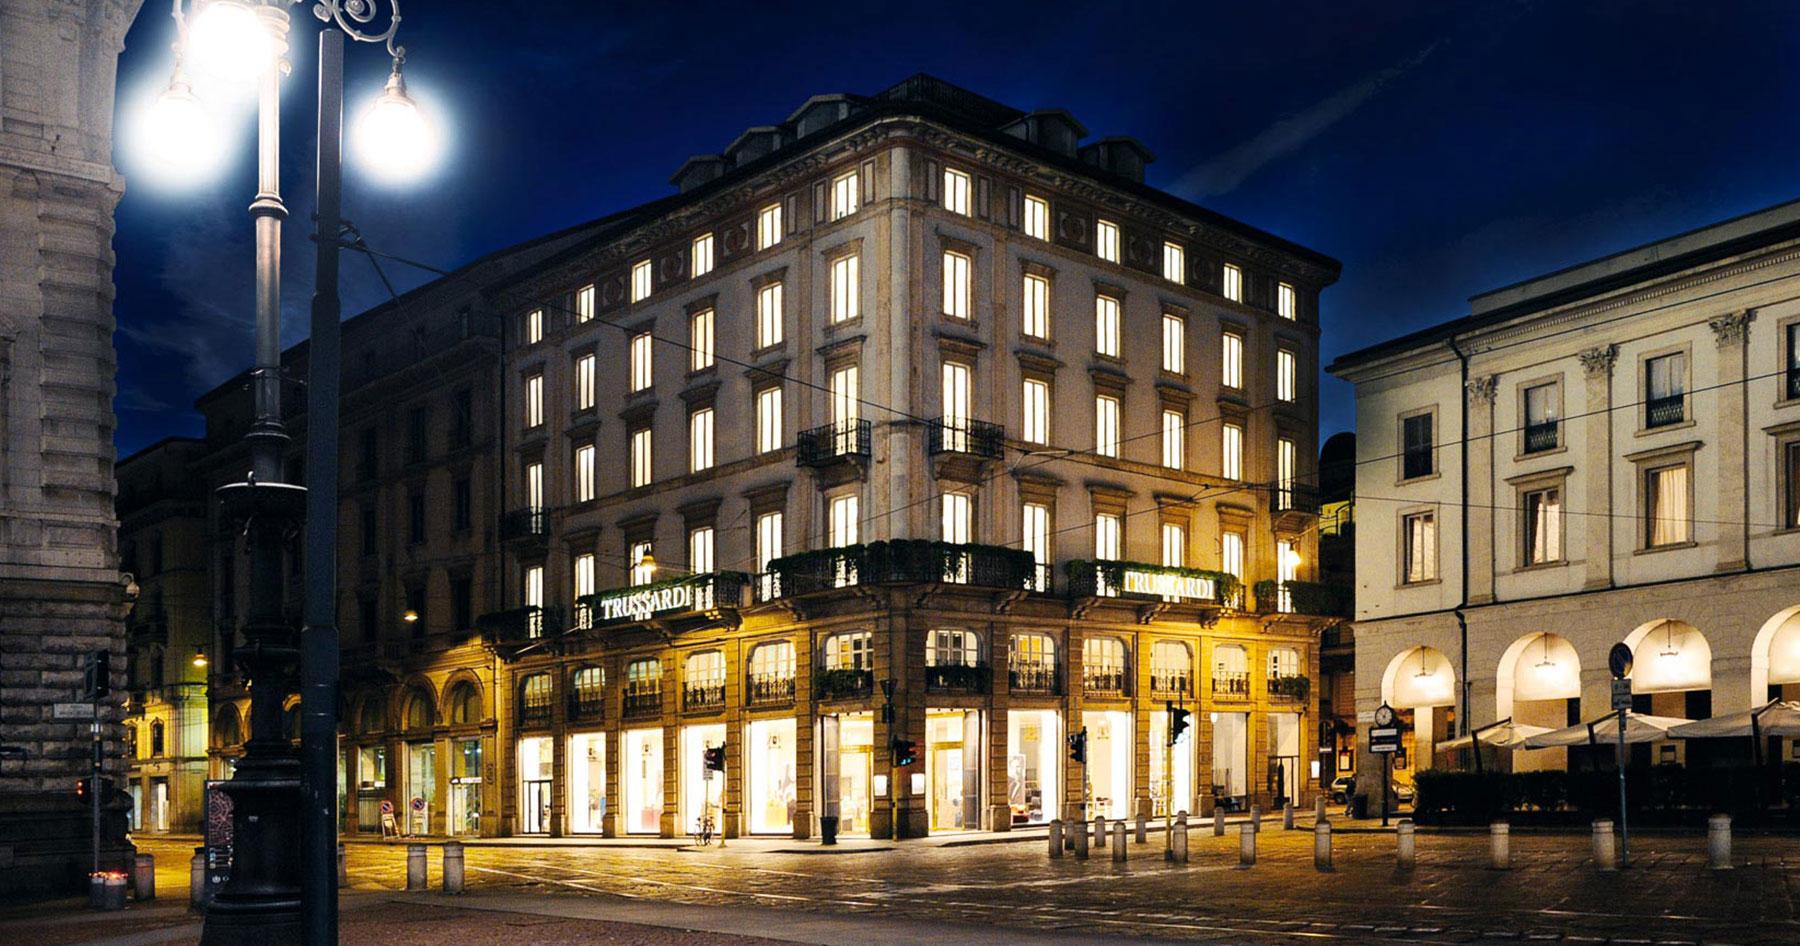 Trussardi flagship store Milan